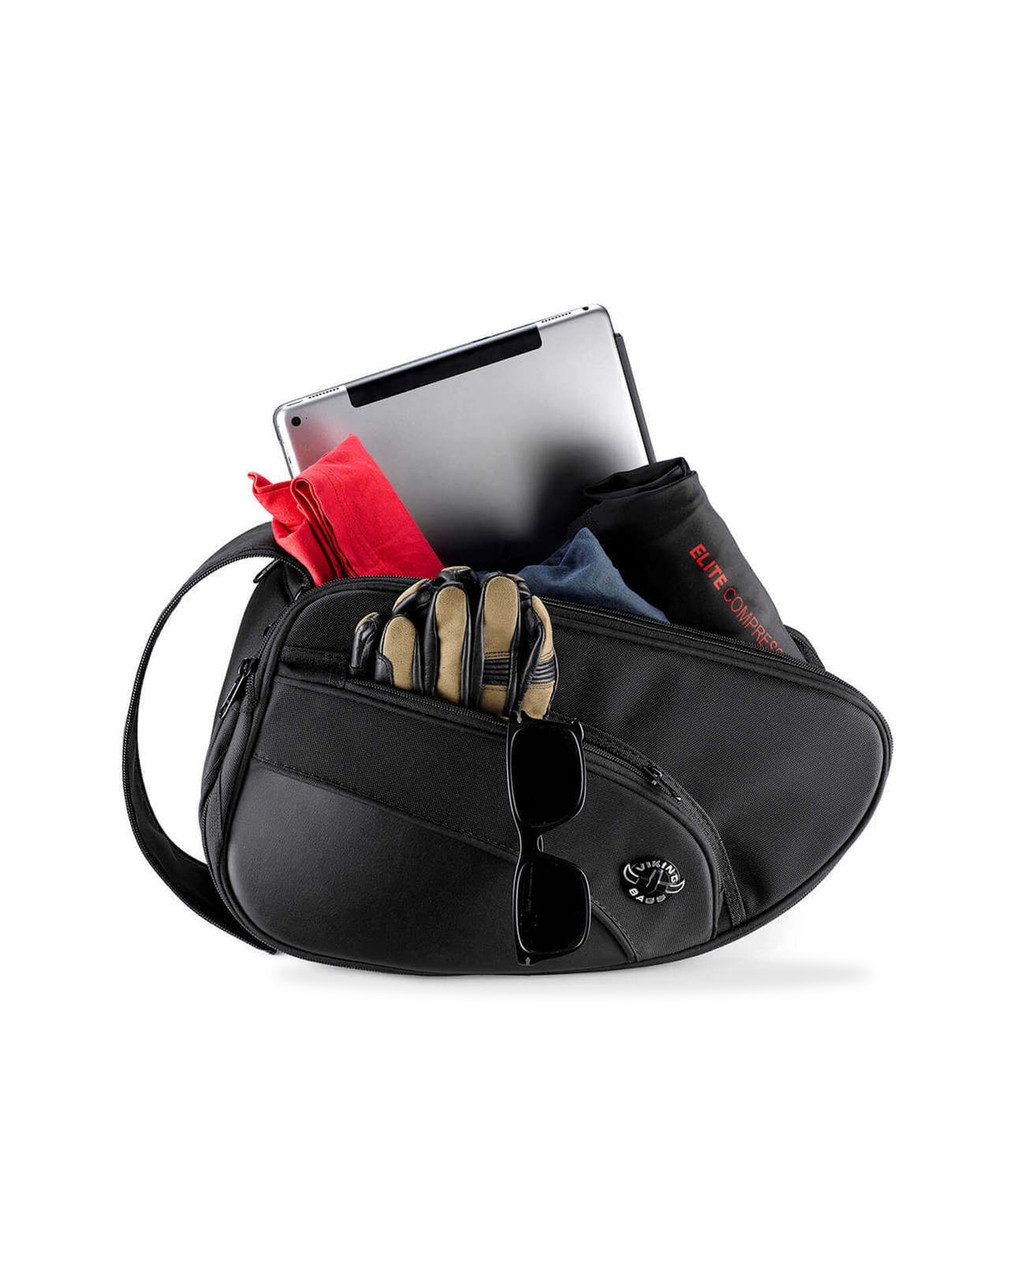 Viking Mini Expandable Black Street/Sportbike Saddlebags Storage View